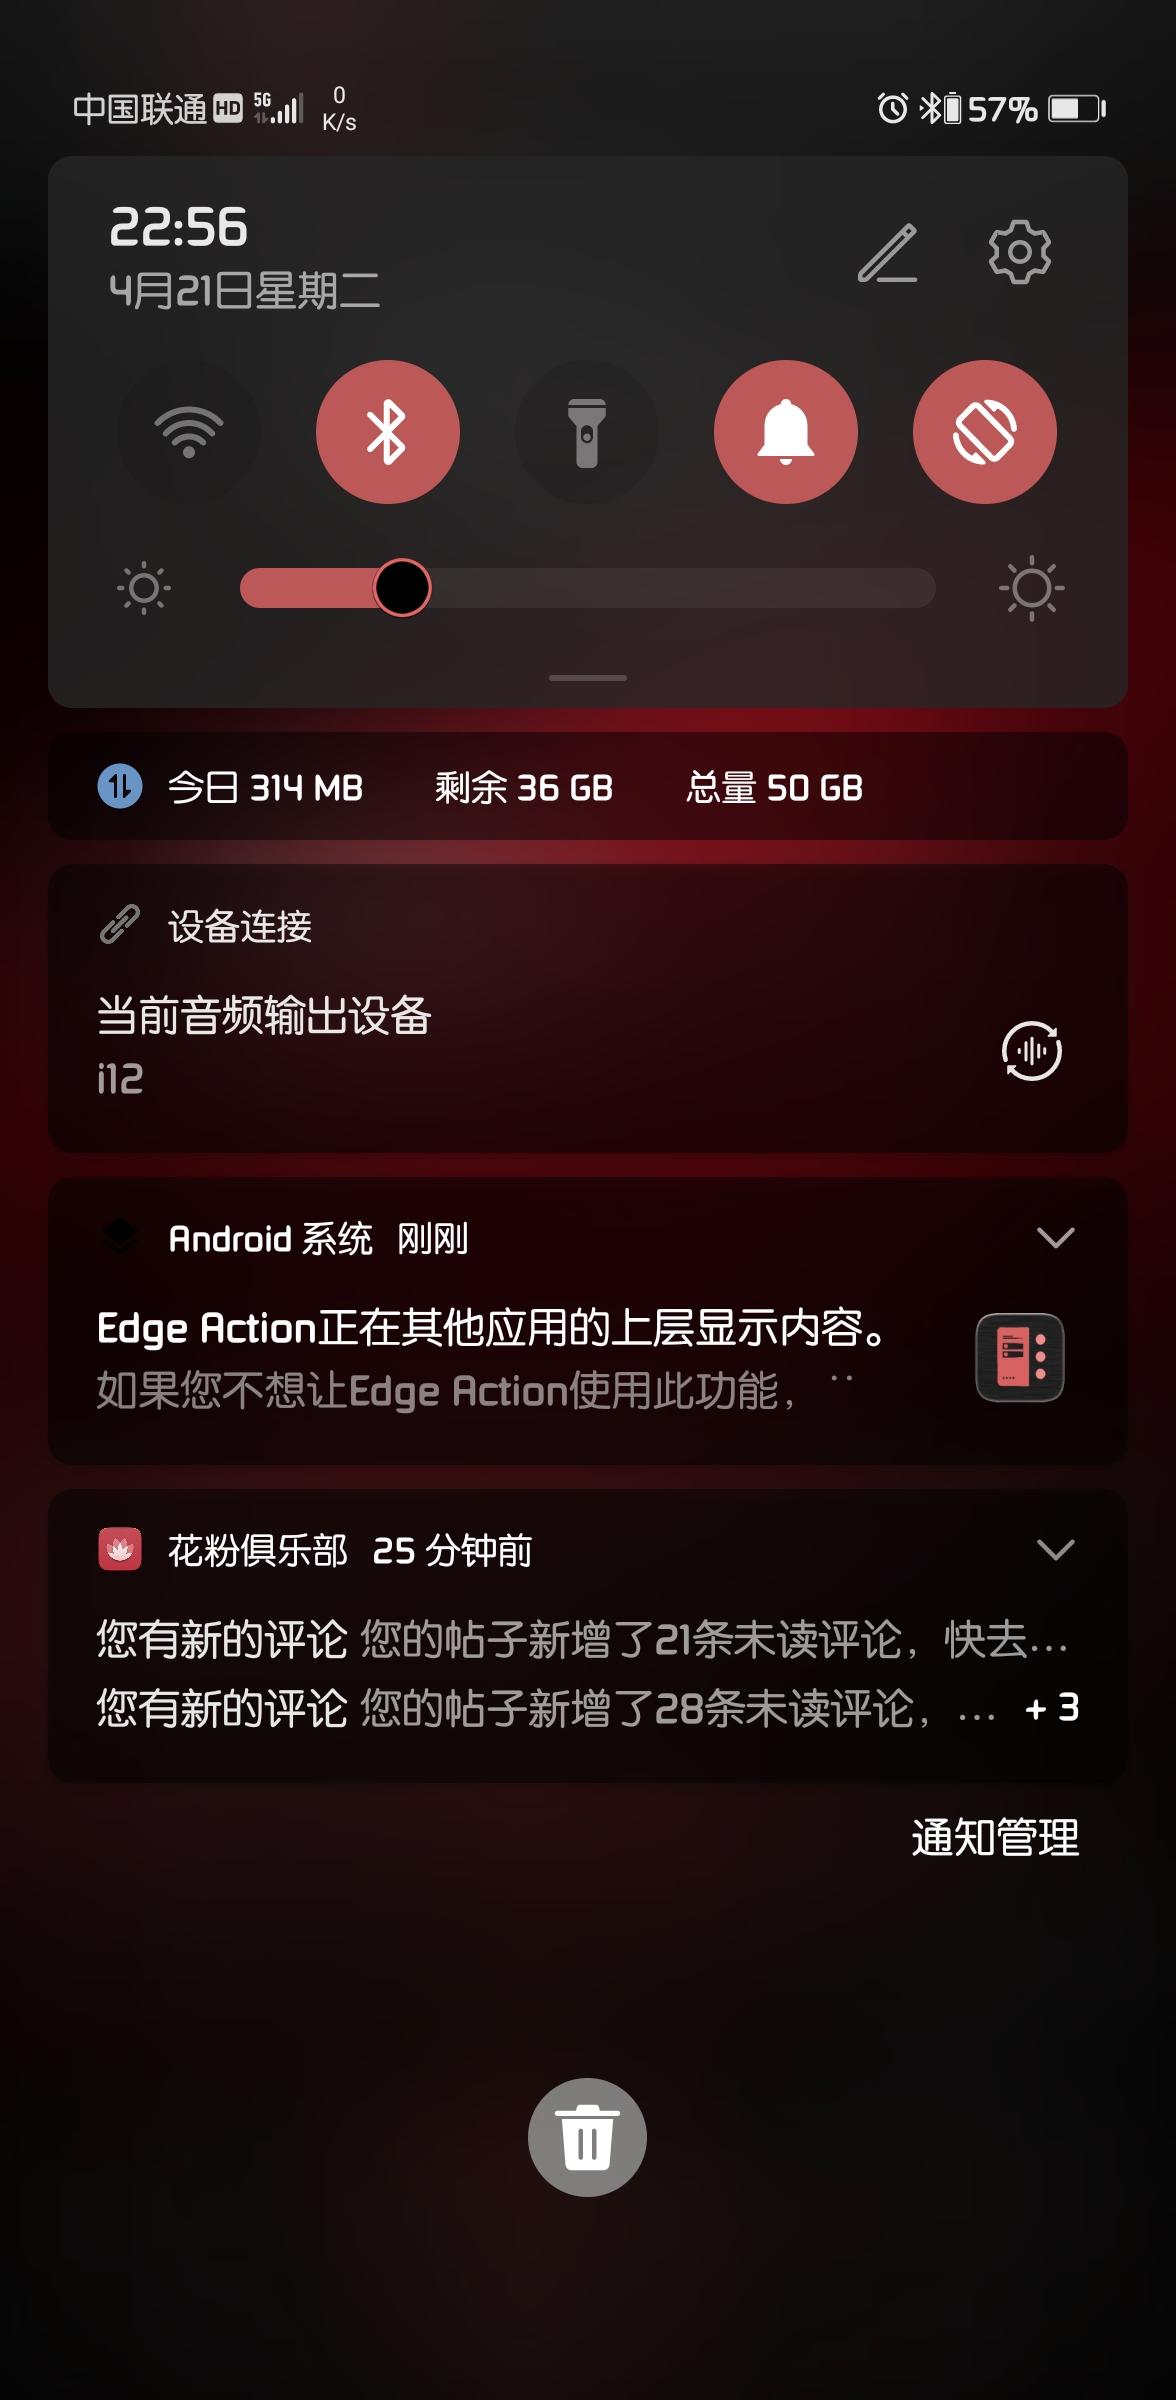 Screenshot_20200421_225620_com.huawei.android.launcher.jpg